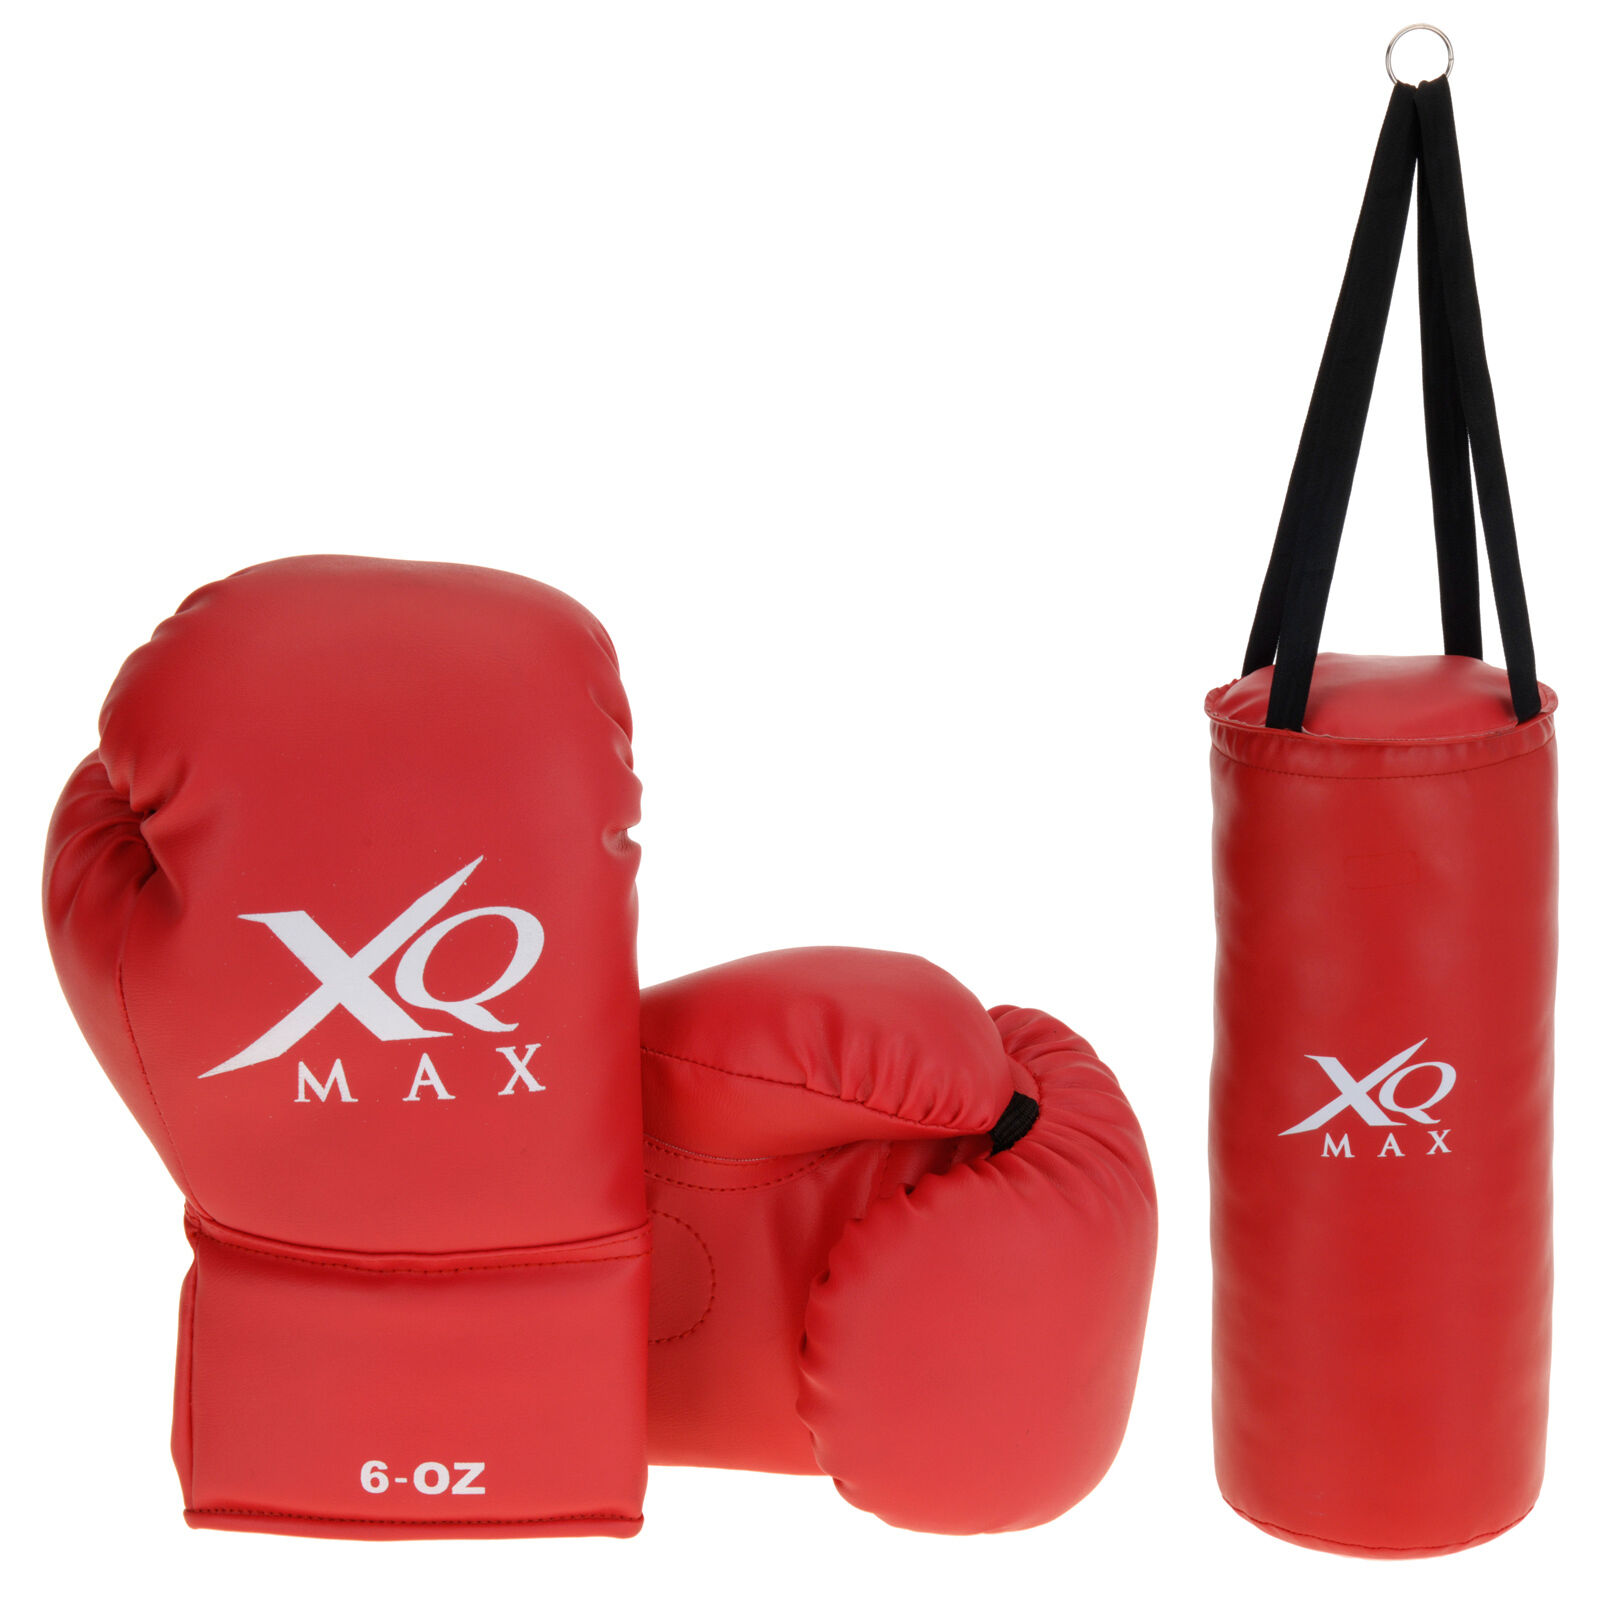 Boxen Set Kinder Hängen Tasche Handschuhe Sport Aktivität Junior Training Xq Xq Training Max 9224b5